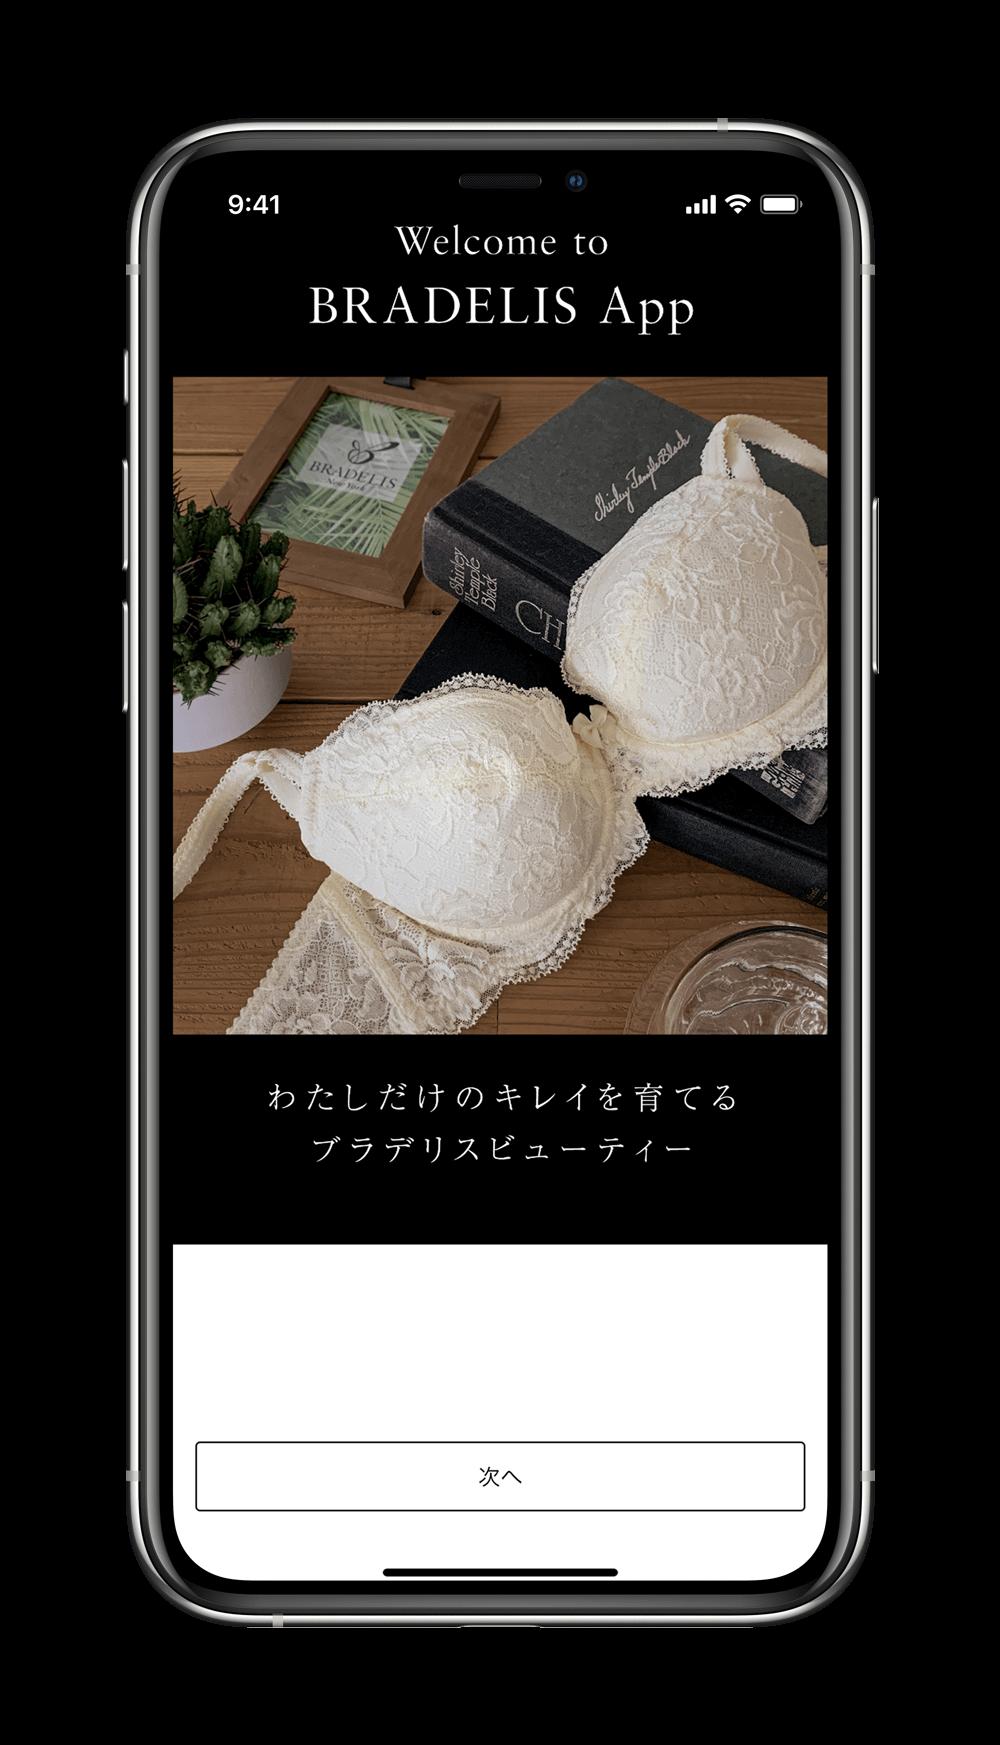 ブラデリス公式アプリ